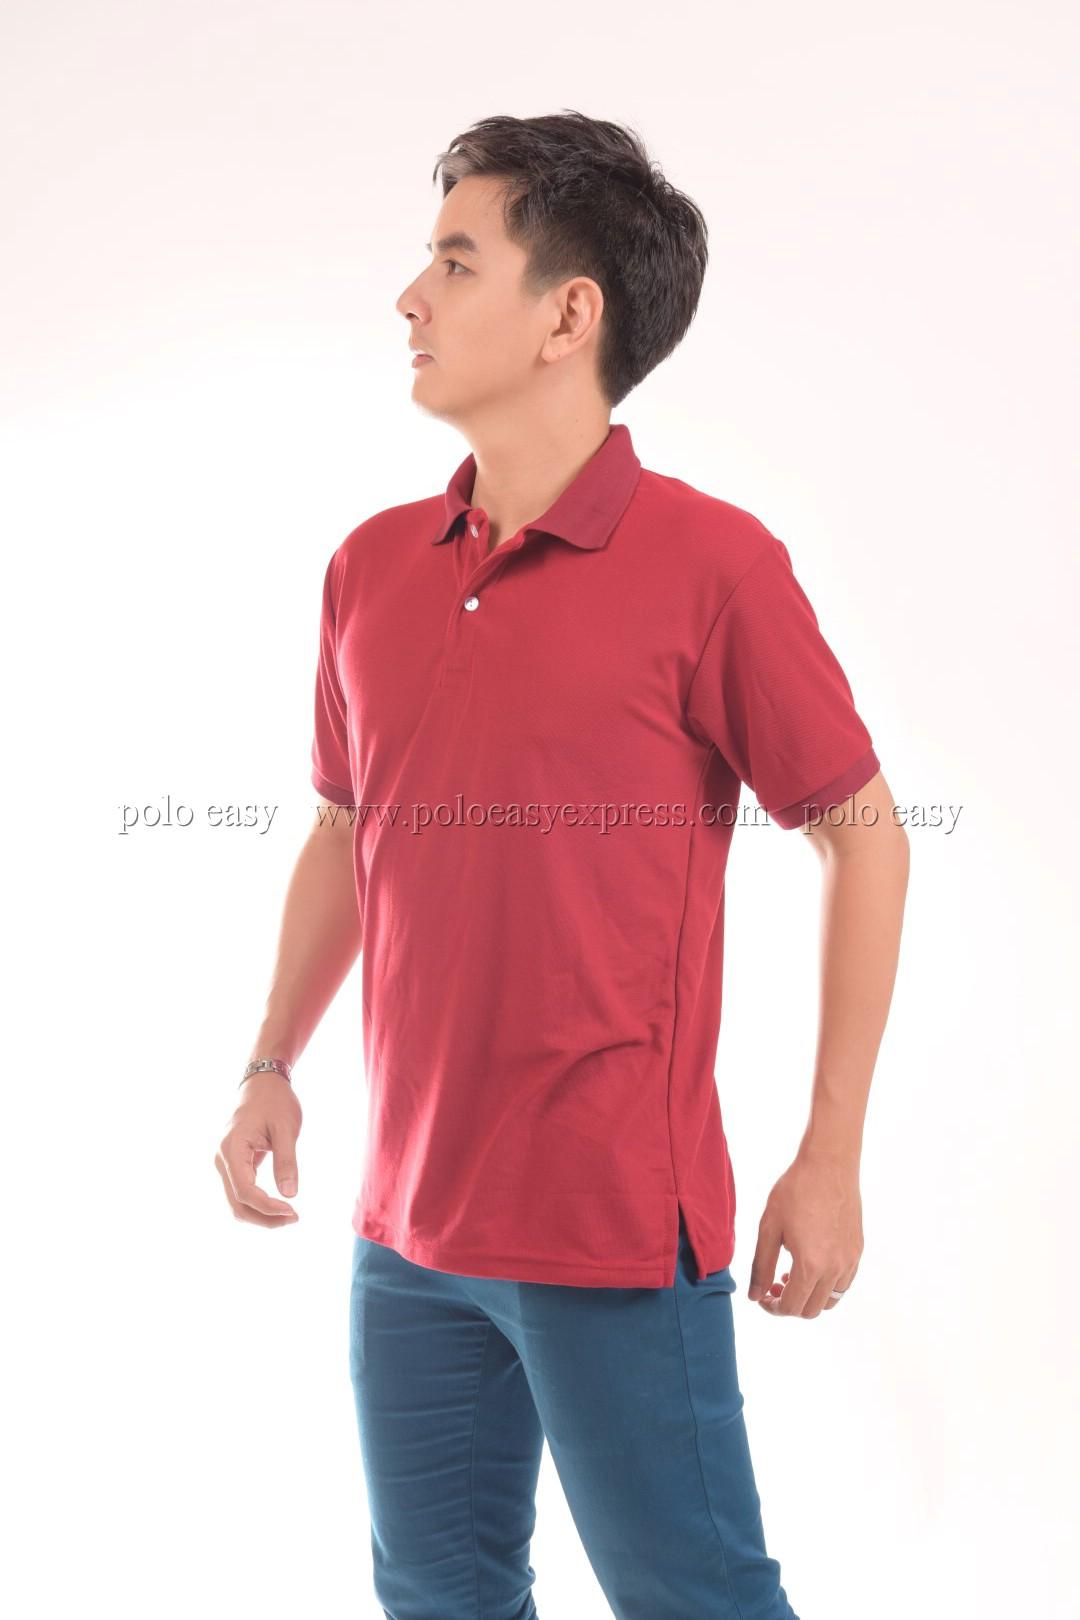 เสื้อโปโล สีเลือดหมู TK Premium แขนสั้น ทรงตรง Size 2XL